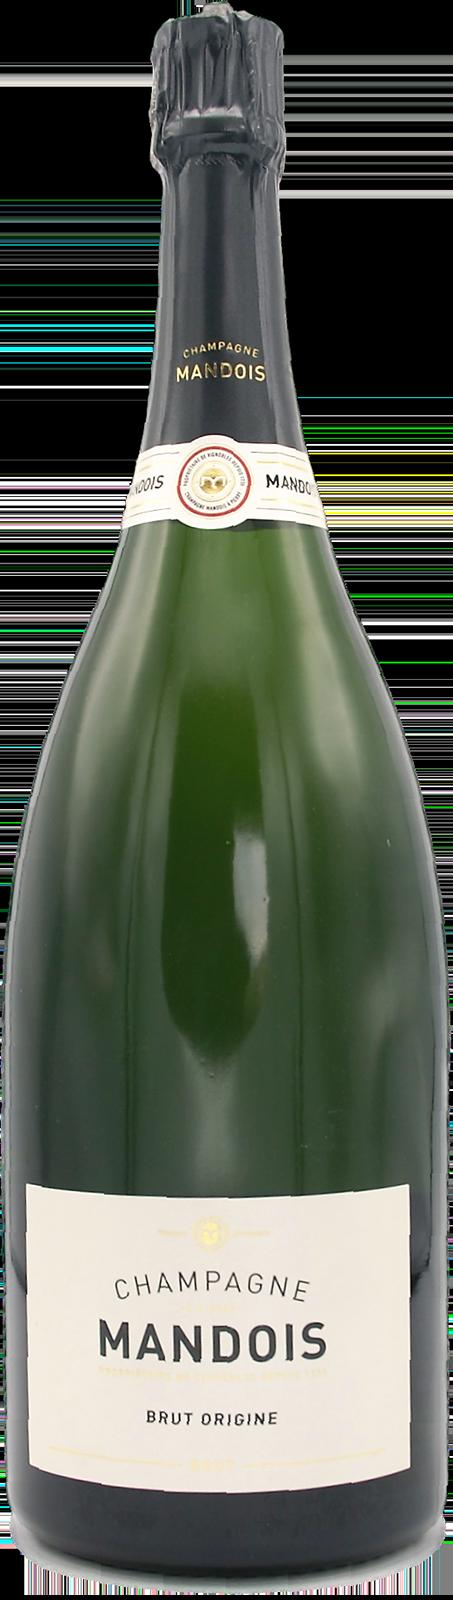 NV-Mandois Champagne Brut